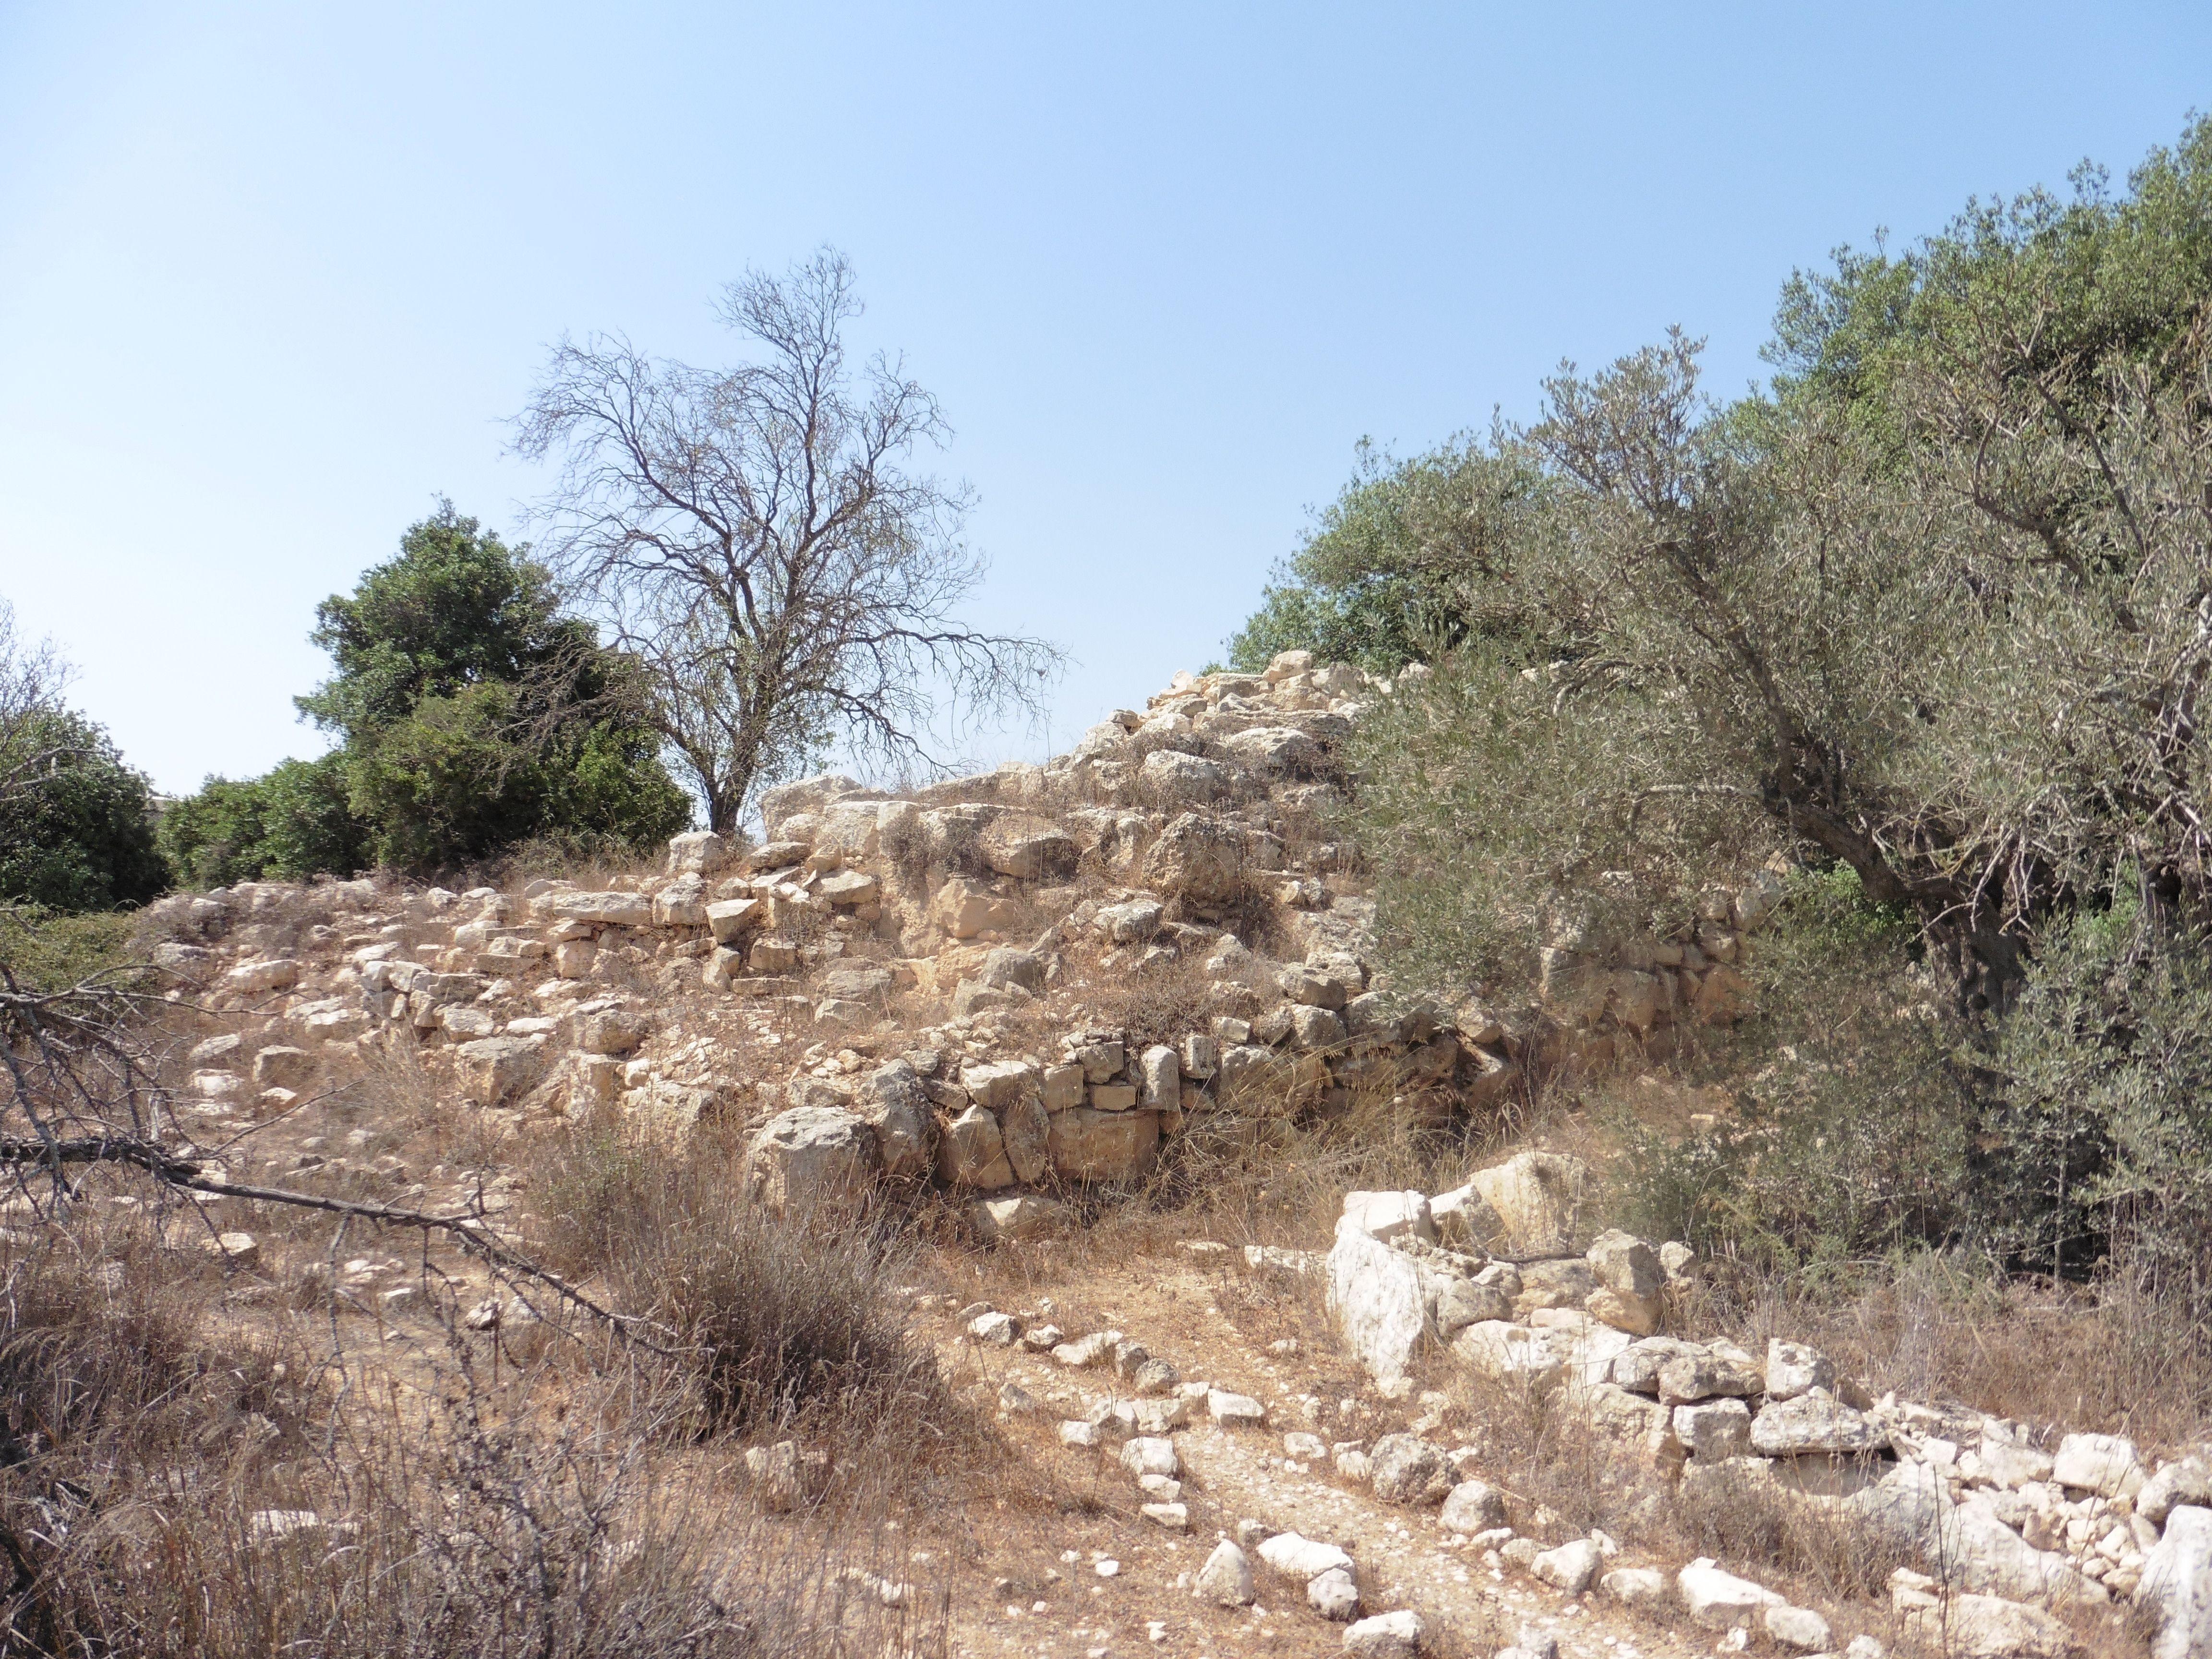 Bethel Israel: Israel, Bethel, Middle East